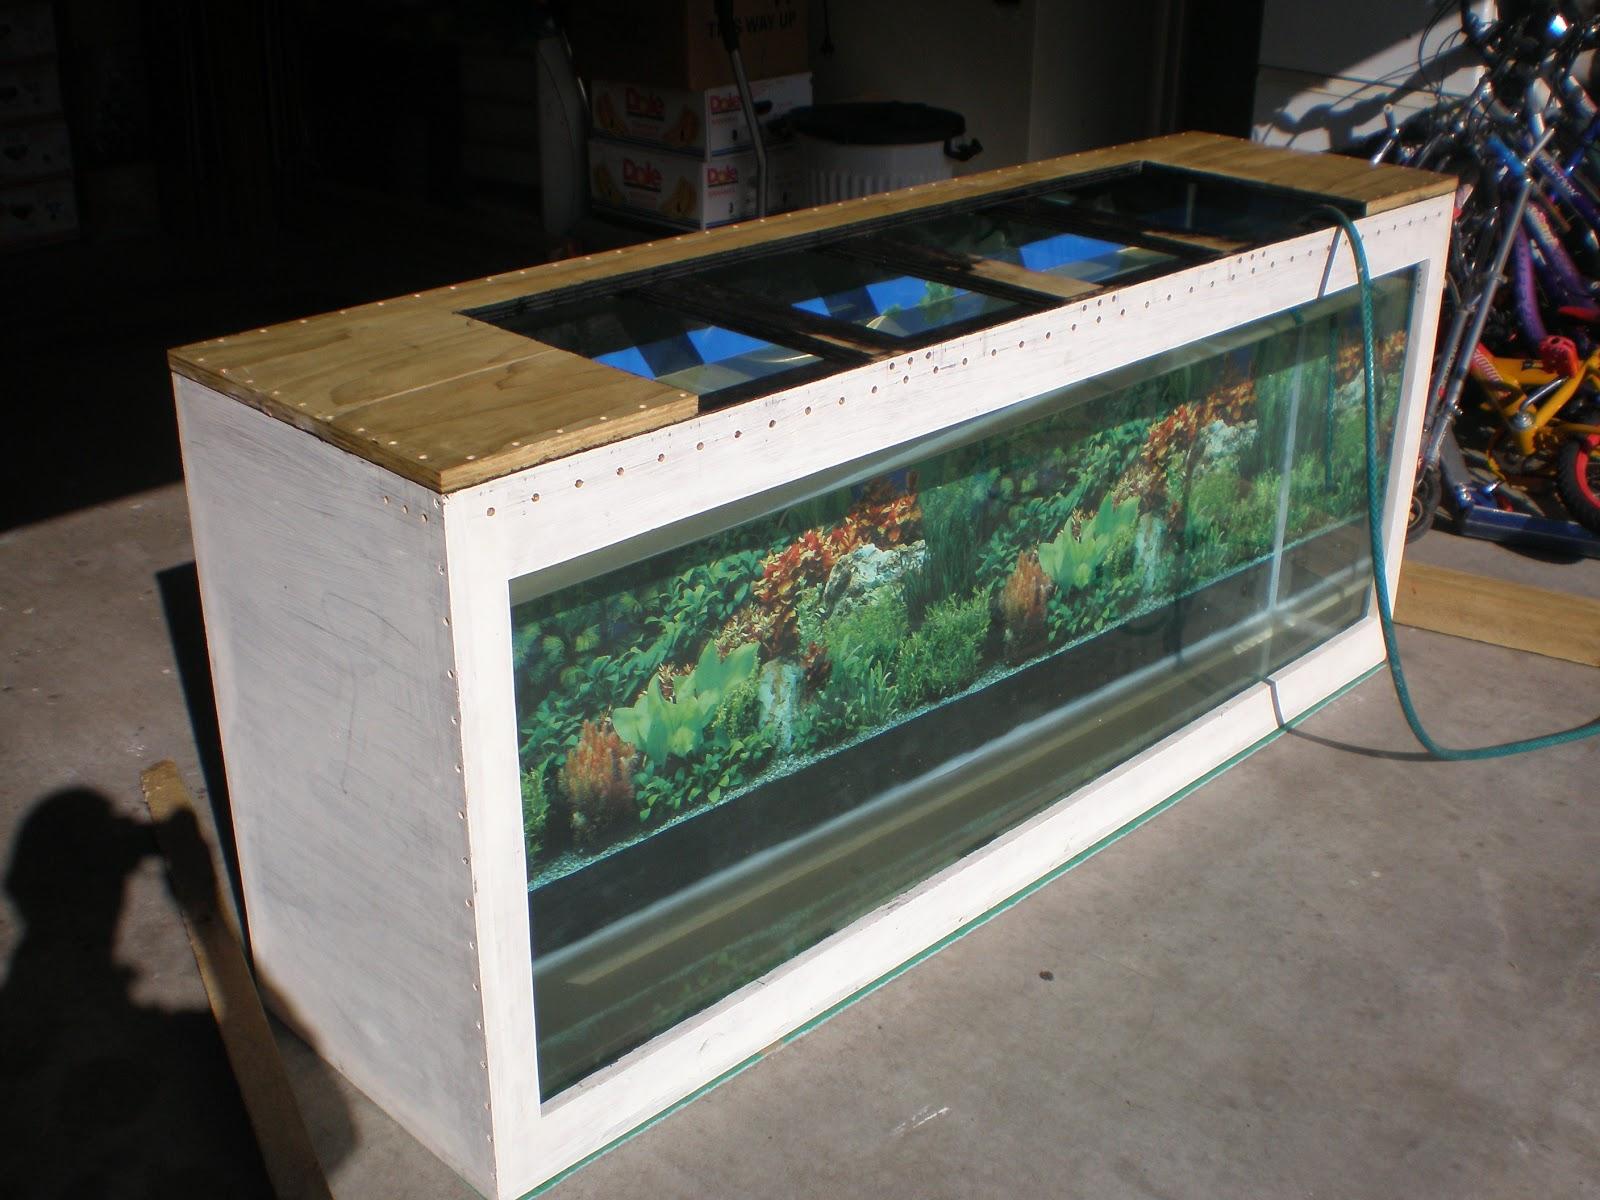 Diy Plywood Aquarium Diy Plywood Aquarium